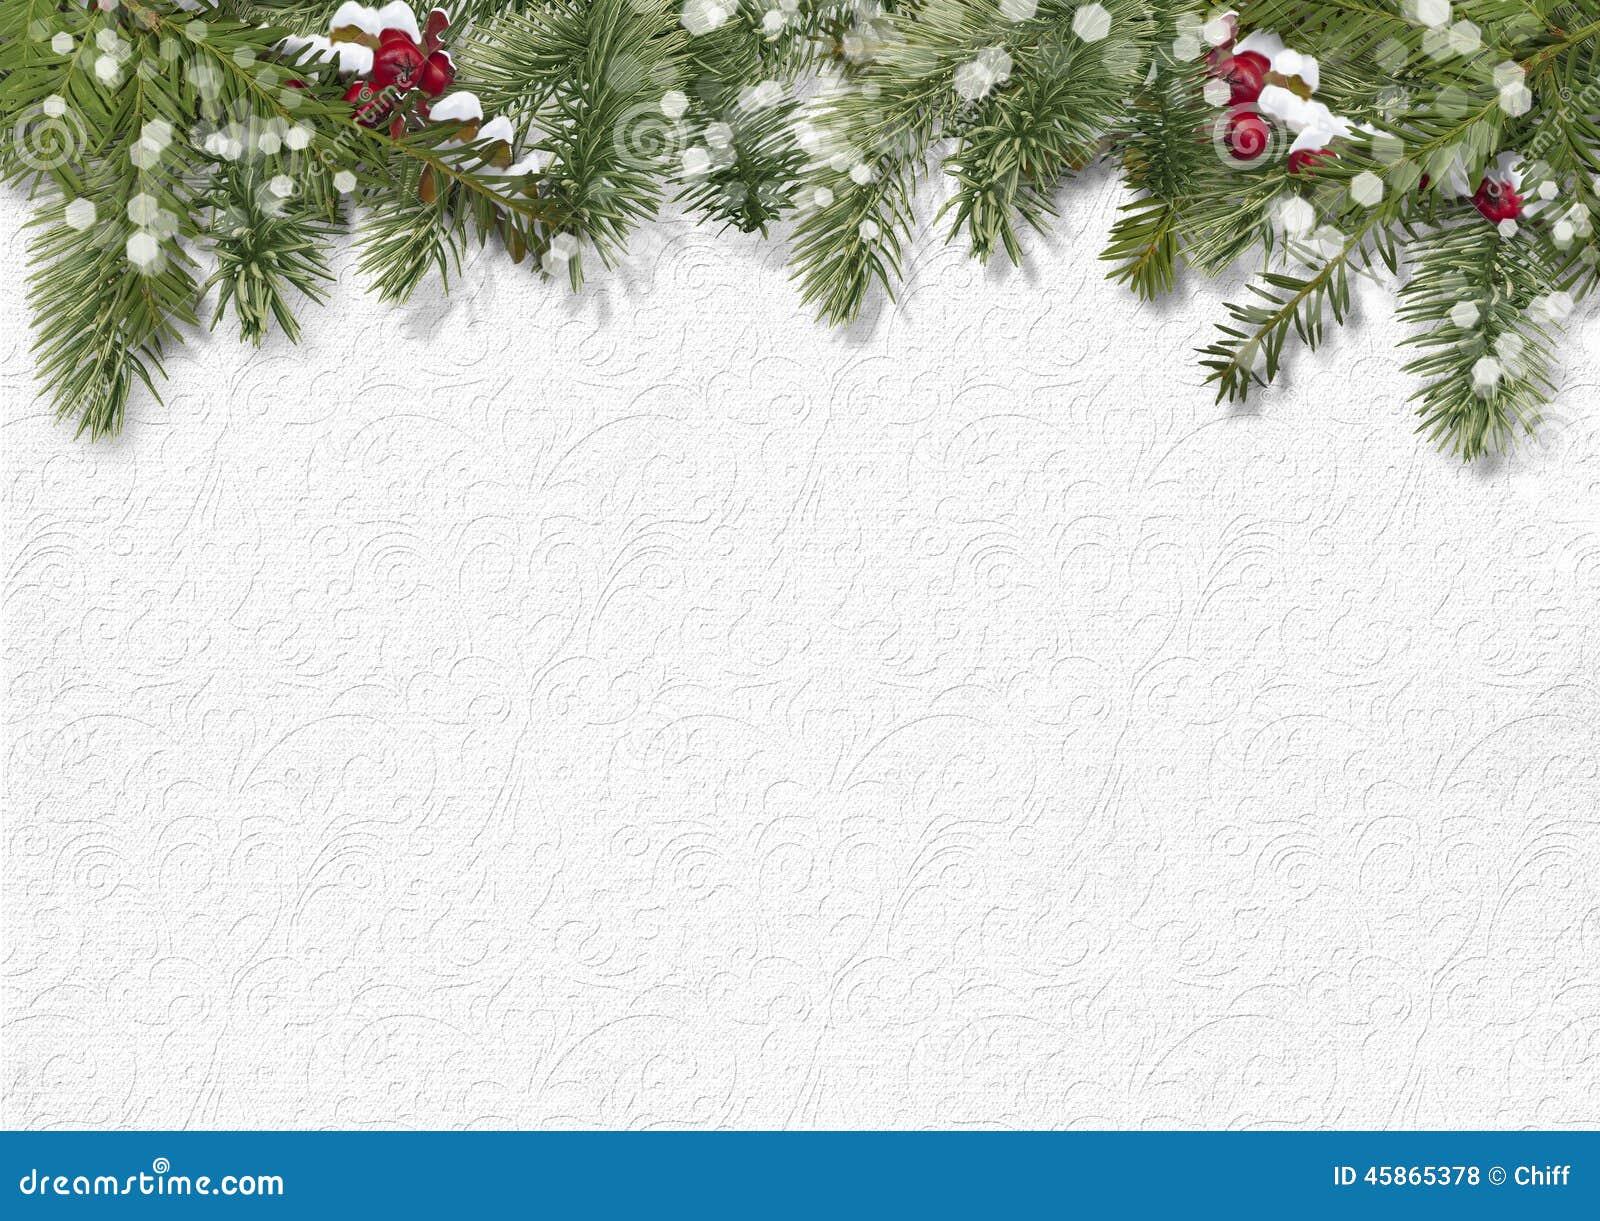 Weihnachtshintergrund mit Stechpalme, Tannenbaum